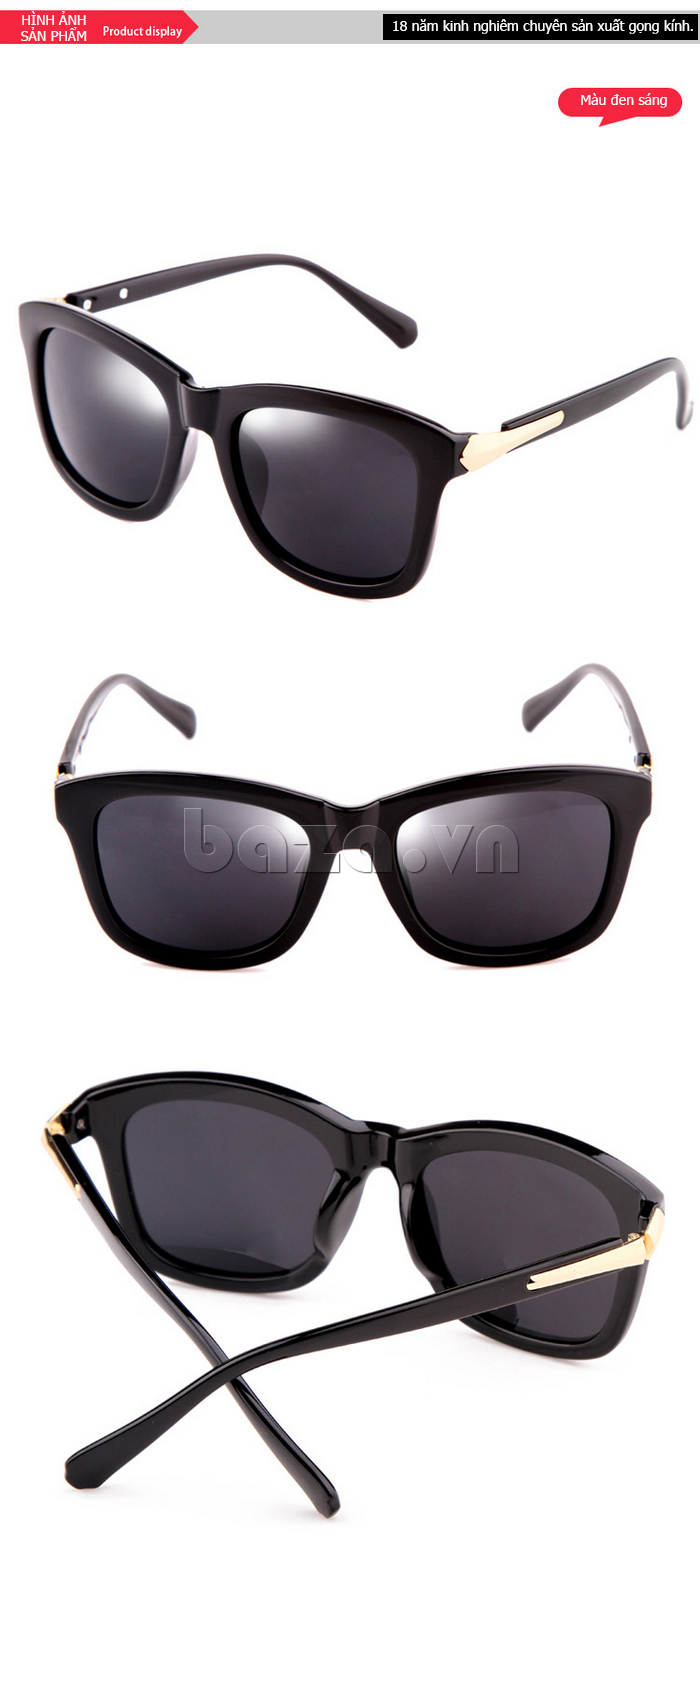 Hình ảnh sản phẩm kính nữ thời trang RBSPACE